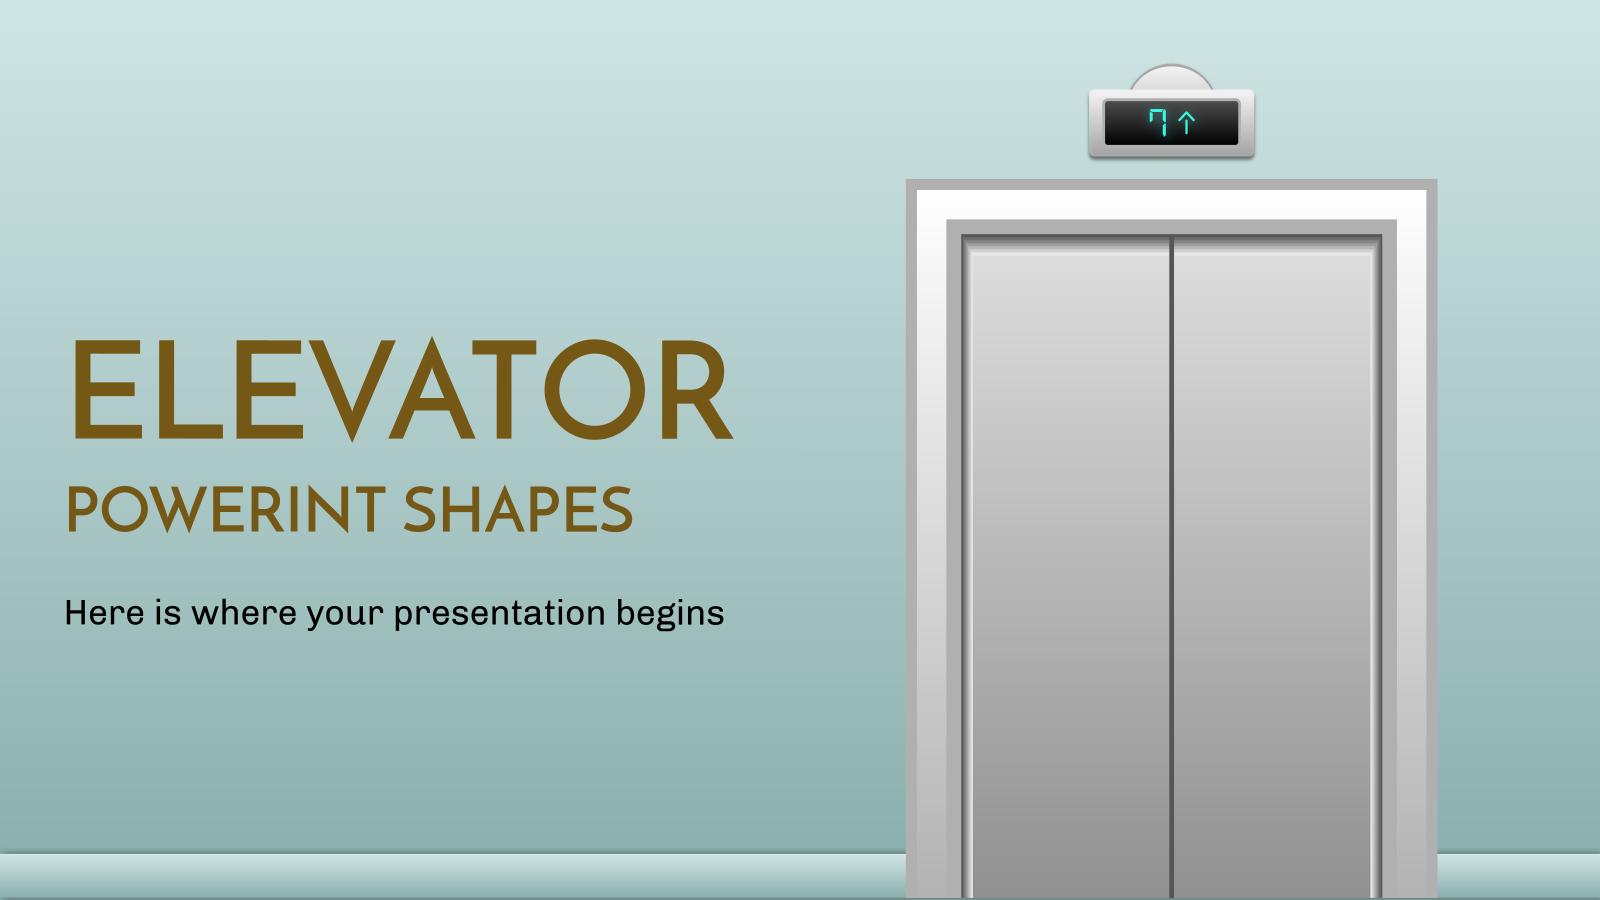 Formes d'ascenseurs Powerint : Modèles de présentation